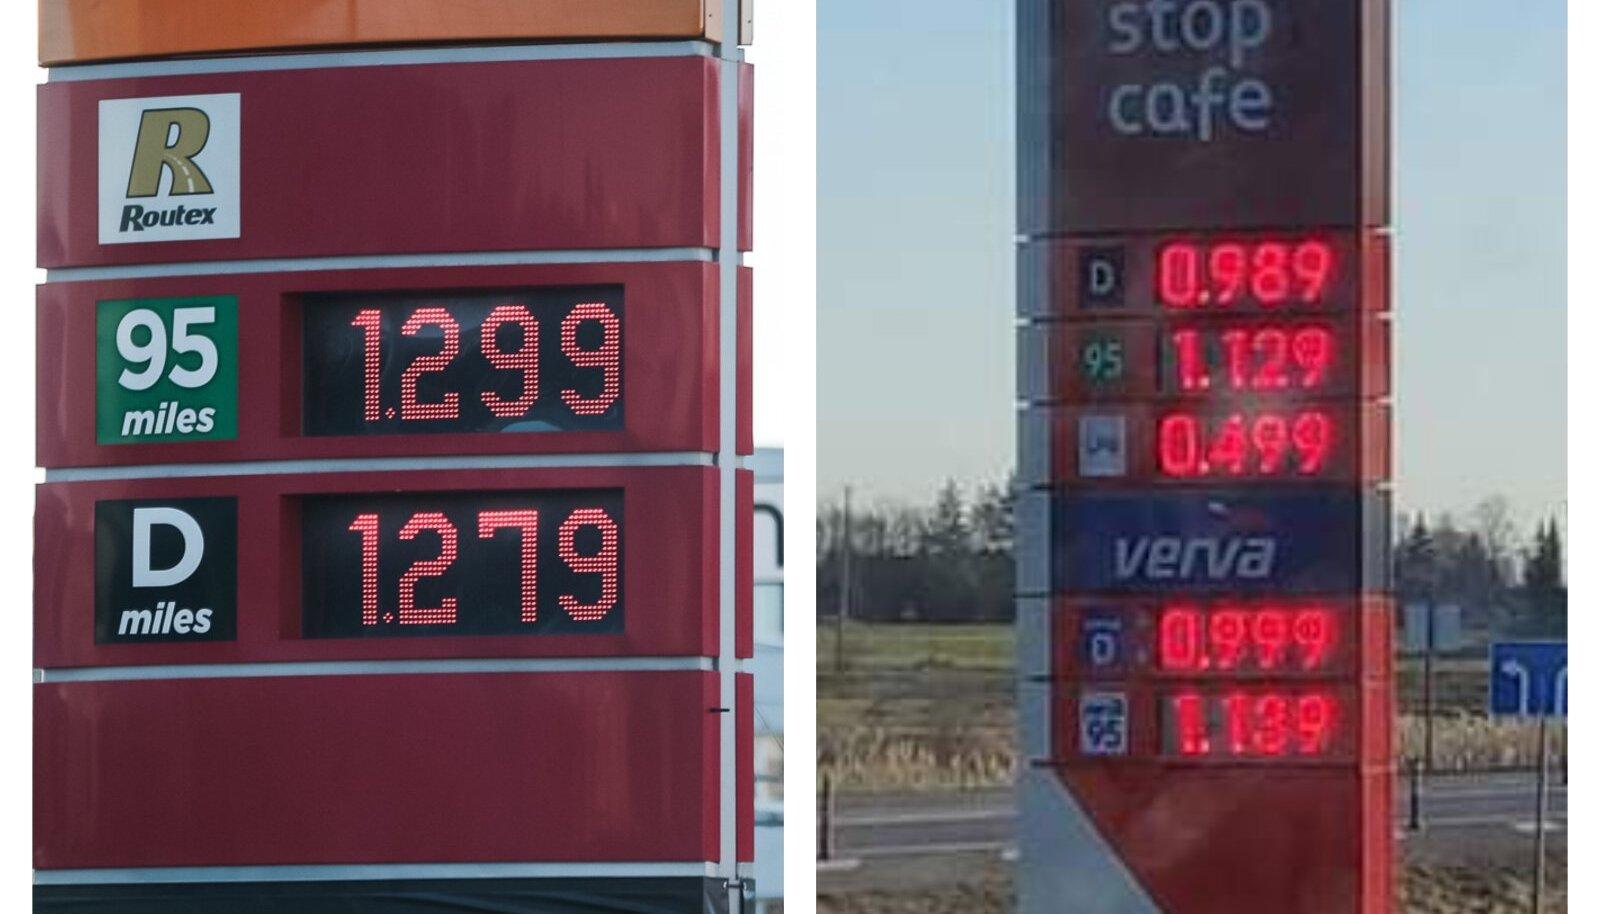 Mootorikütuse hinnad täna Eestis ja Leedus.